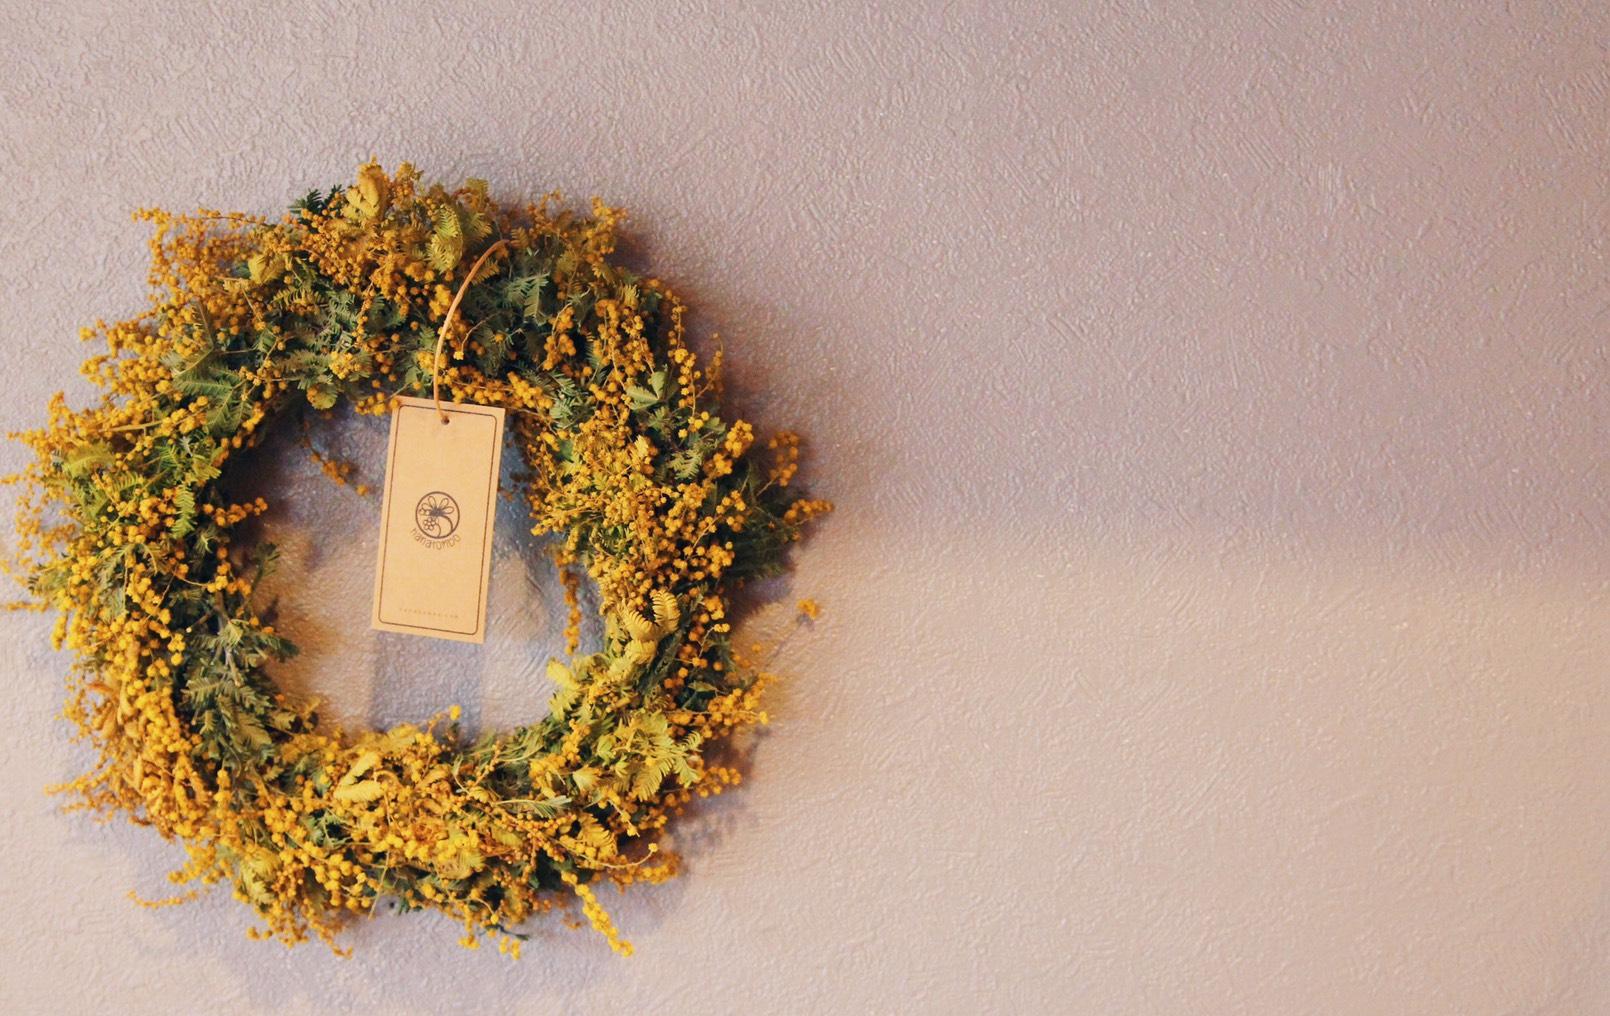 mimosa wreath - 3/8「ミモザの日」に先駆けてミモザリースのワークショップを開催します!ミモザは生花からそのままドライになるので一年中楽しめます!金額: ¥4000 (税込)場所: ひみつの花屋 町田市中町2-17-21 ピアレジ105日時:3/1 金 15:00~16:303/6 水 15:00~16:30 **満席**3/7 木 15:00-16:30 *定員8名です (一人でも開催致します)*ハサミ、道具などこちらでご用意致します*作った作品はお持ち帰り出来ます*申し込みの締め切りはワークショップ当日2日前です*子連れ様も大歓迎です!